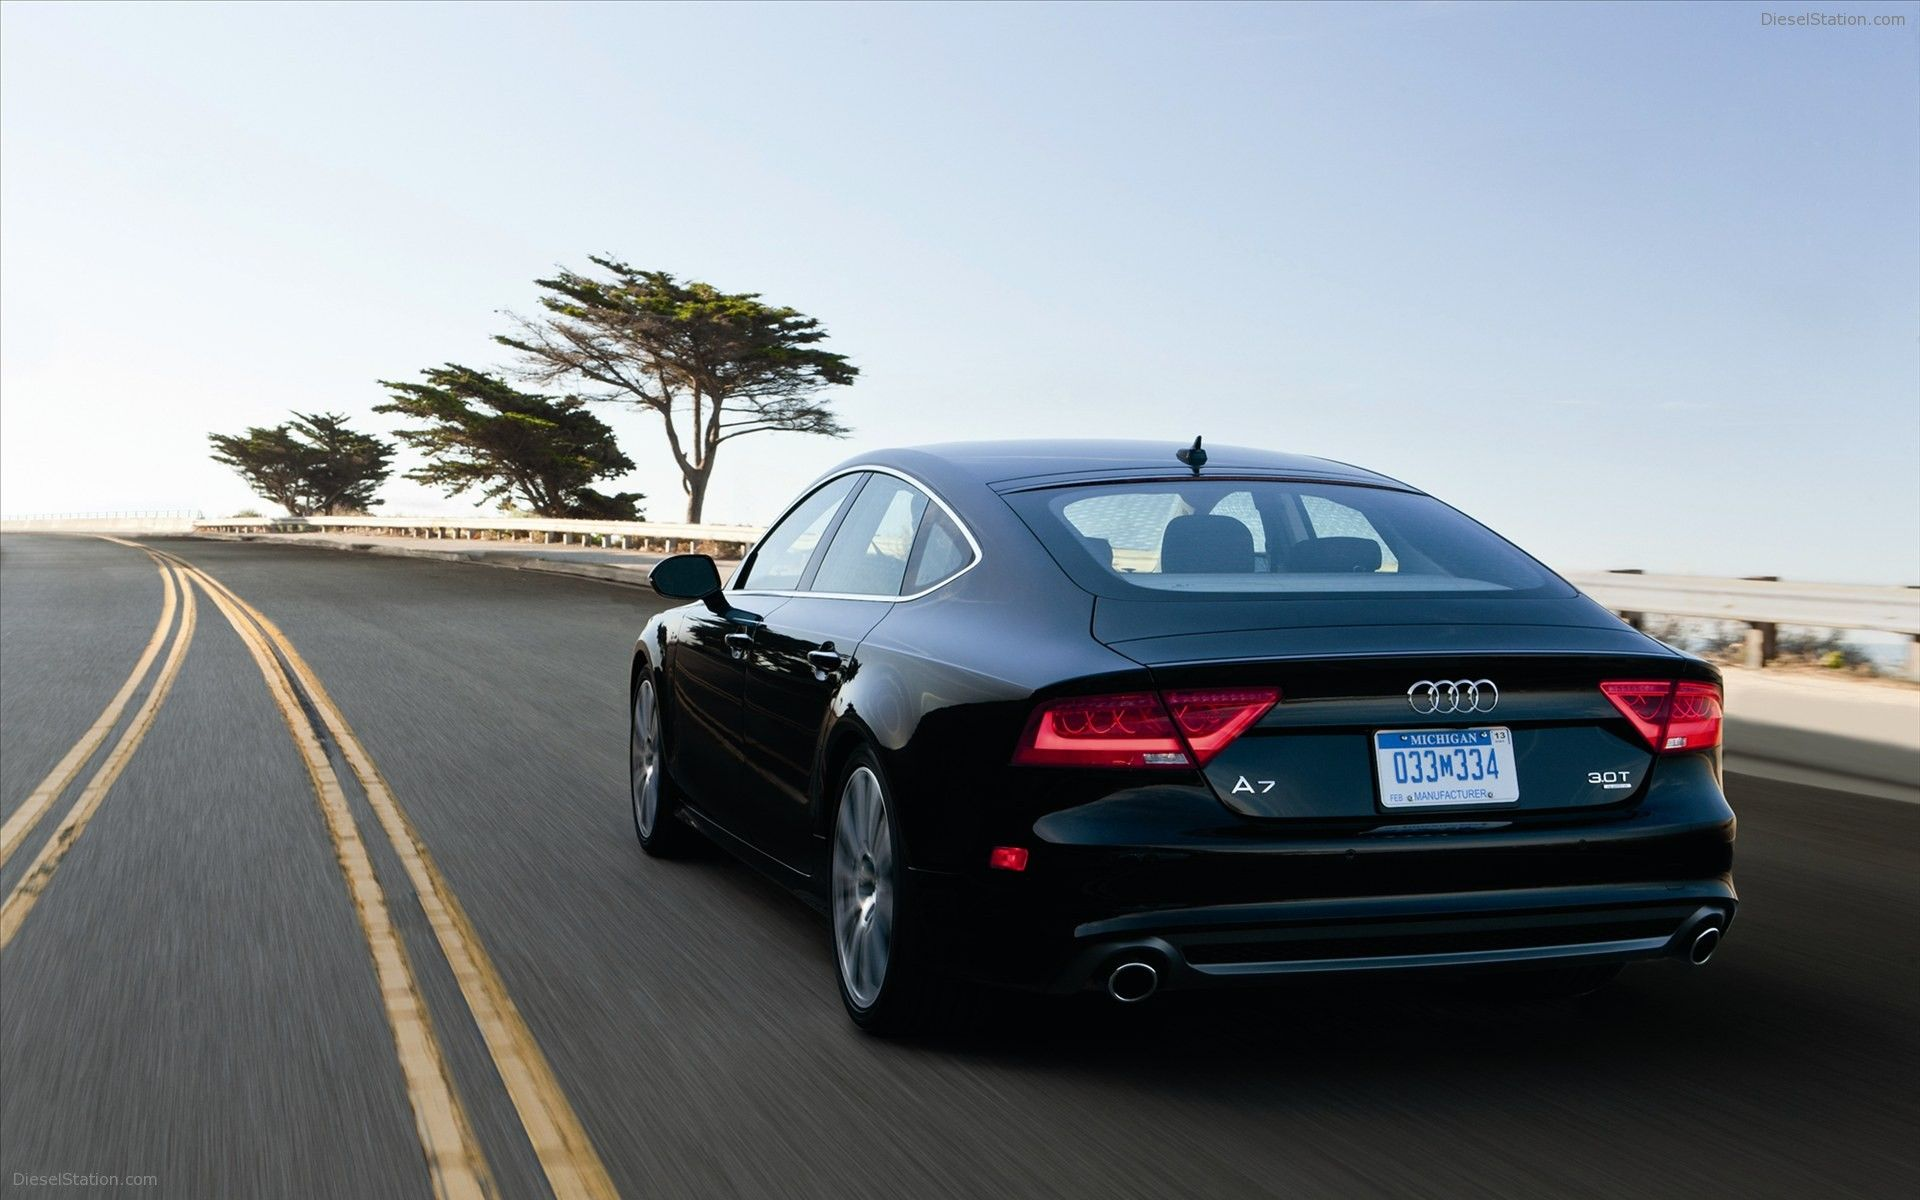 Audi a7 Car Pinterest